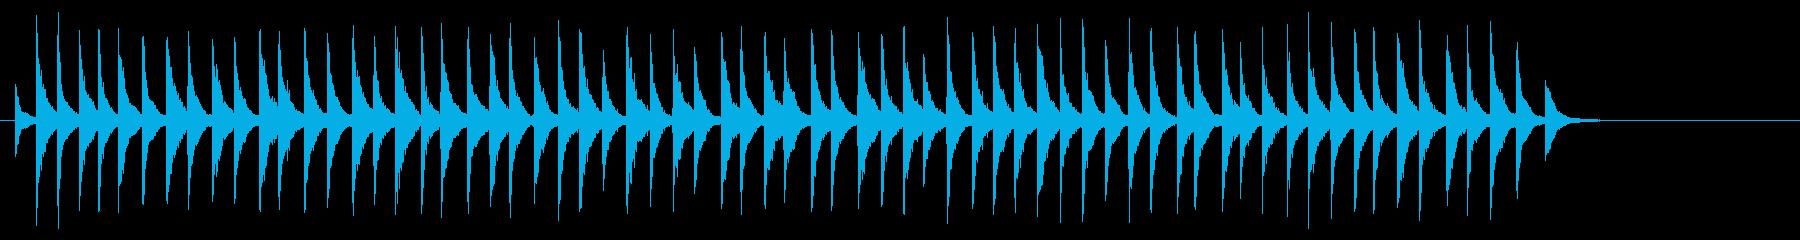 ヘビーメタルカウベル:安定したリン...の再生済みの波形